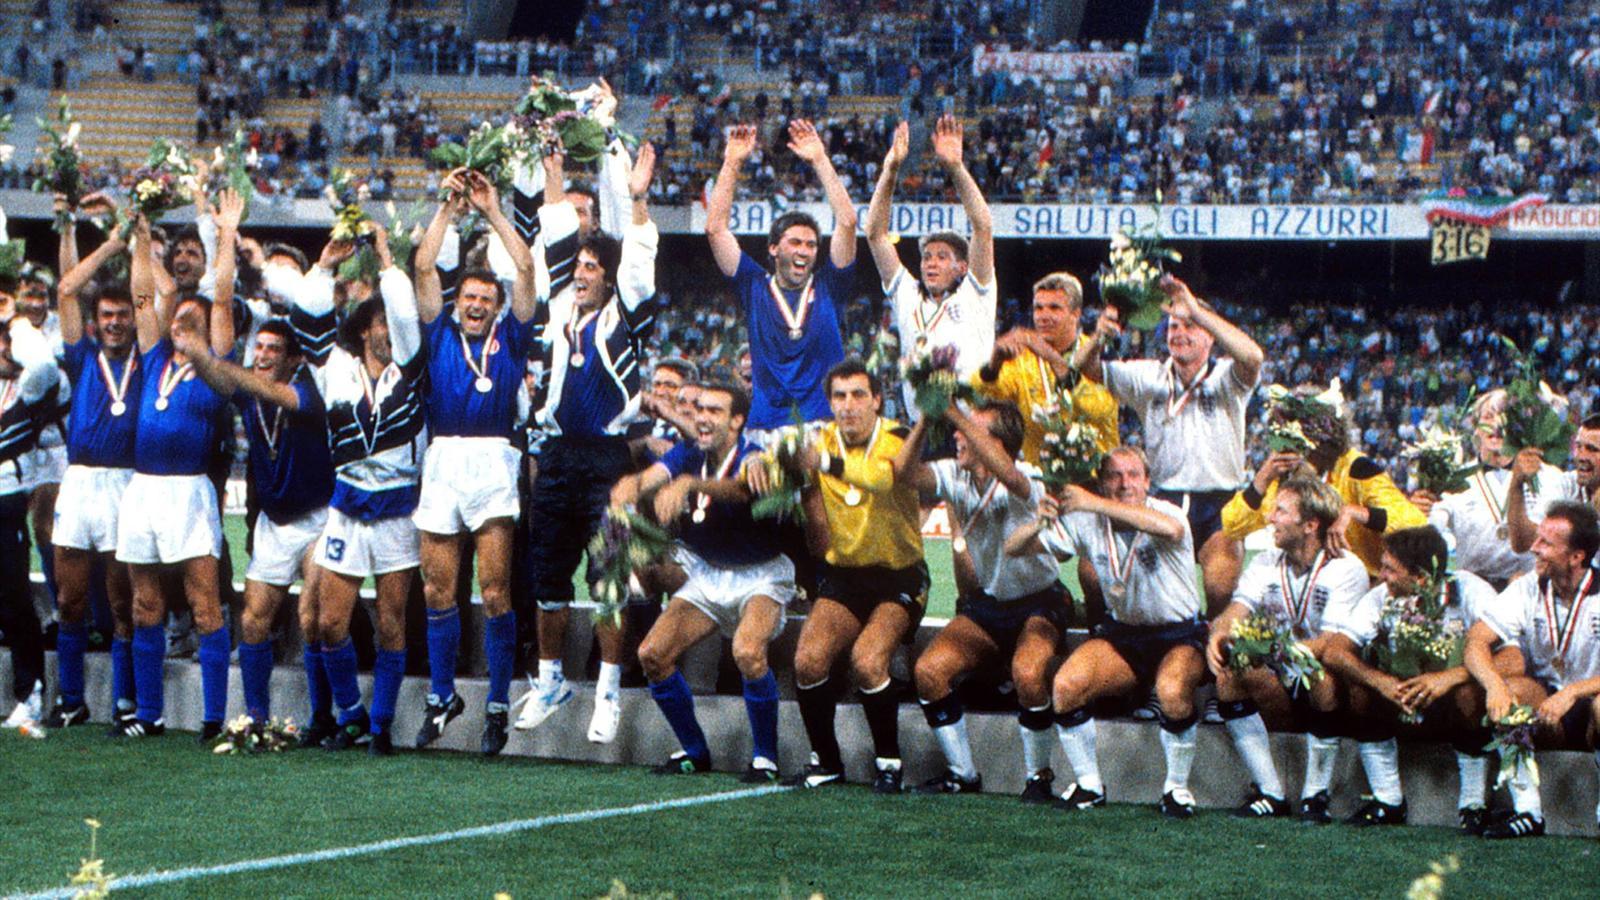 Coupe du monde 1990 la r tro victoire de la rfa en italie coupe du monde 2014 football - Phase finale coupe du monde 2014 ...